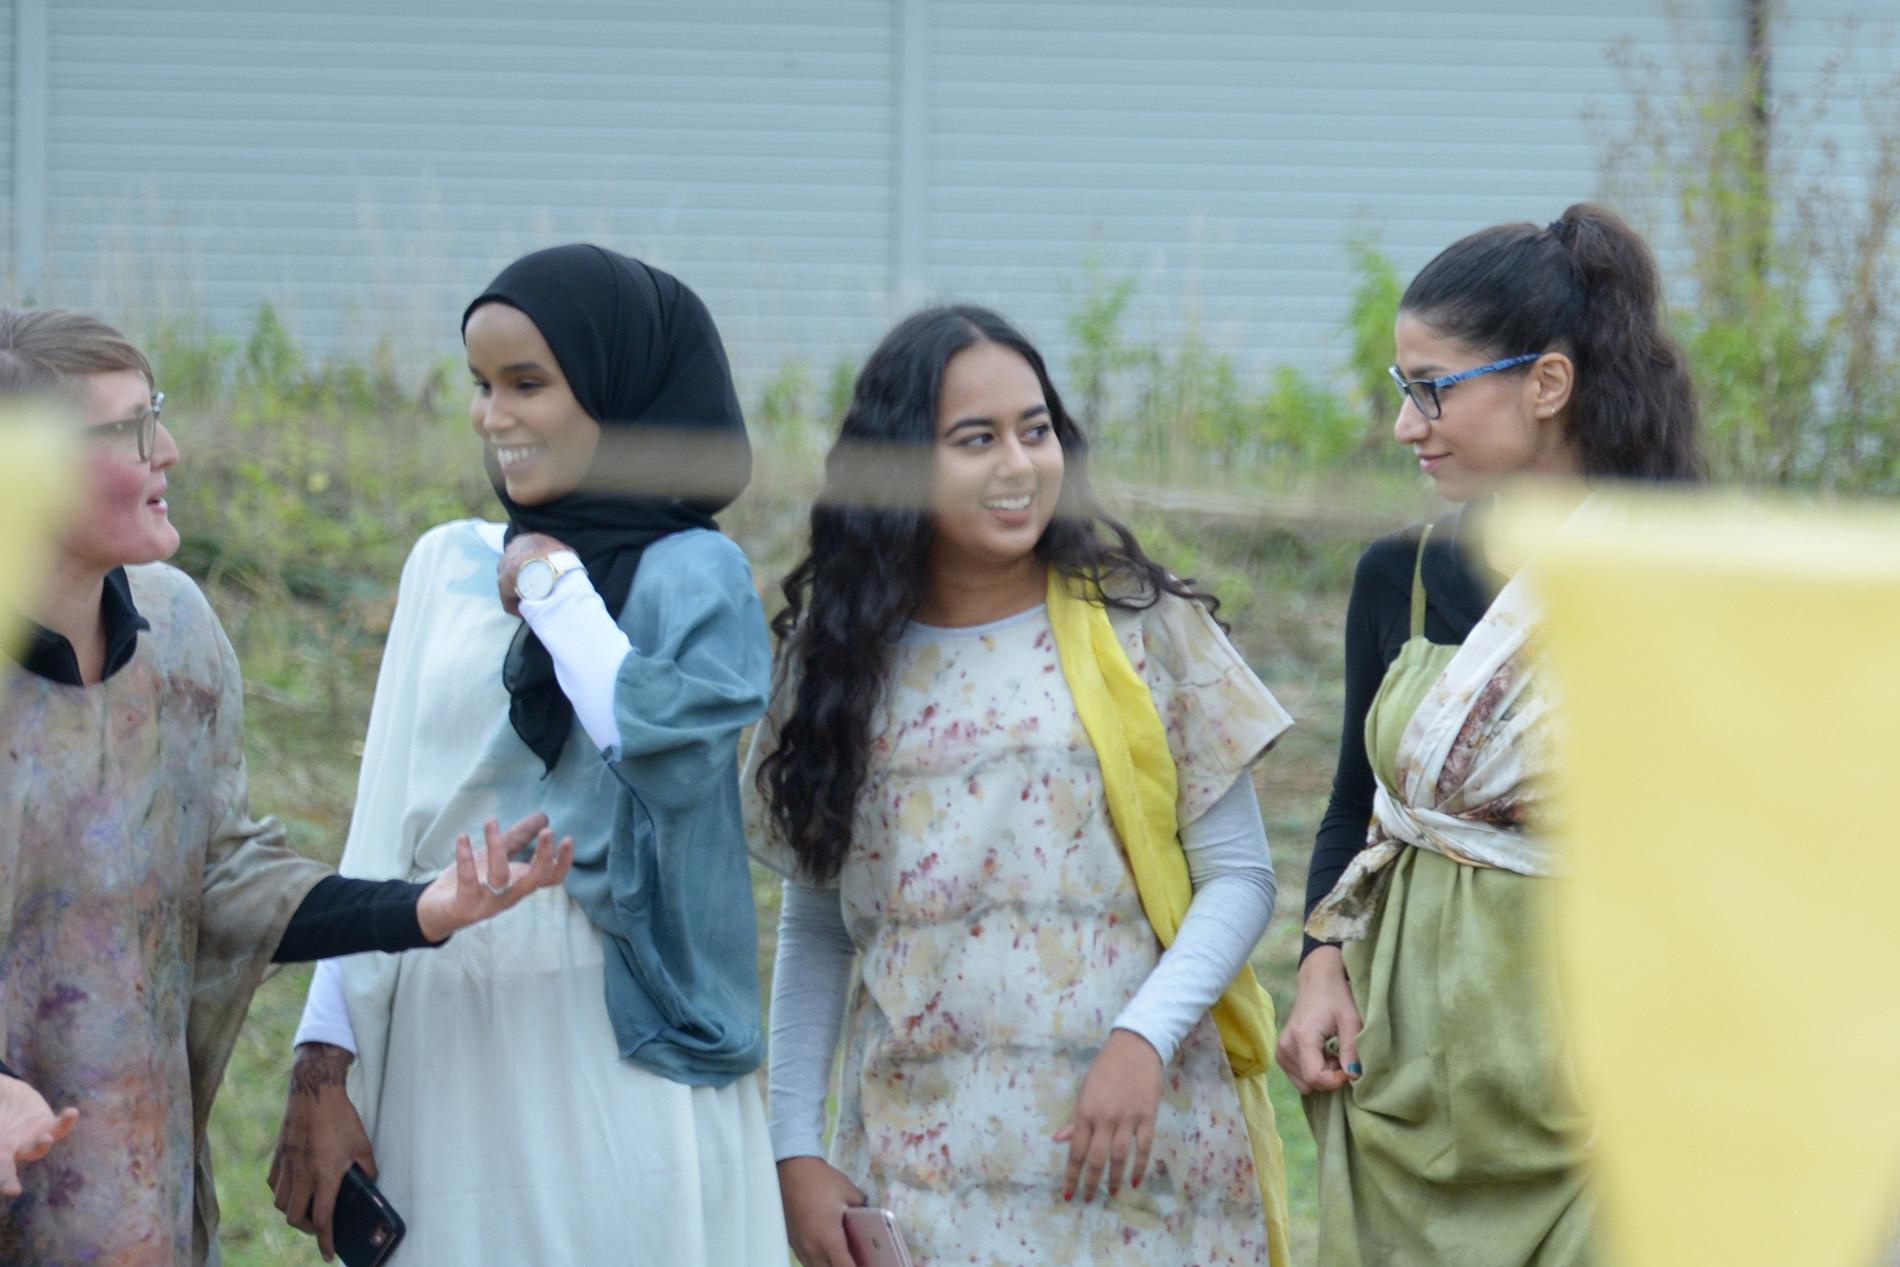 Fyra personer står i förgrunden och har på sig kläder som färgats under Konst händer-workshops. I bakgrunden grönt gräs.